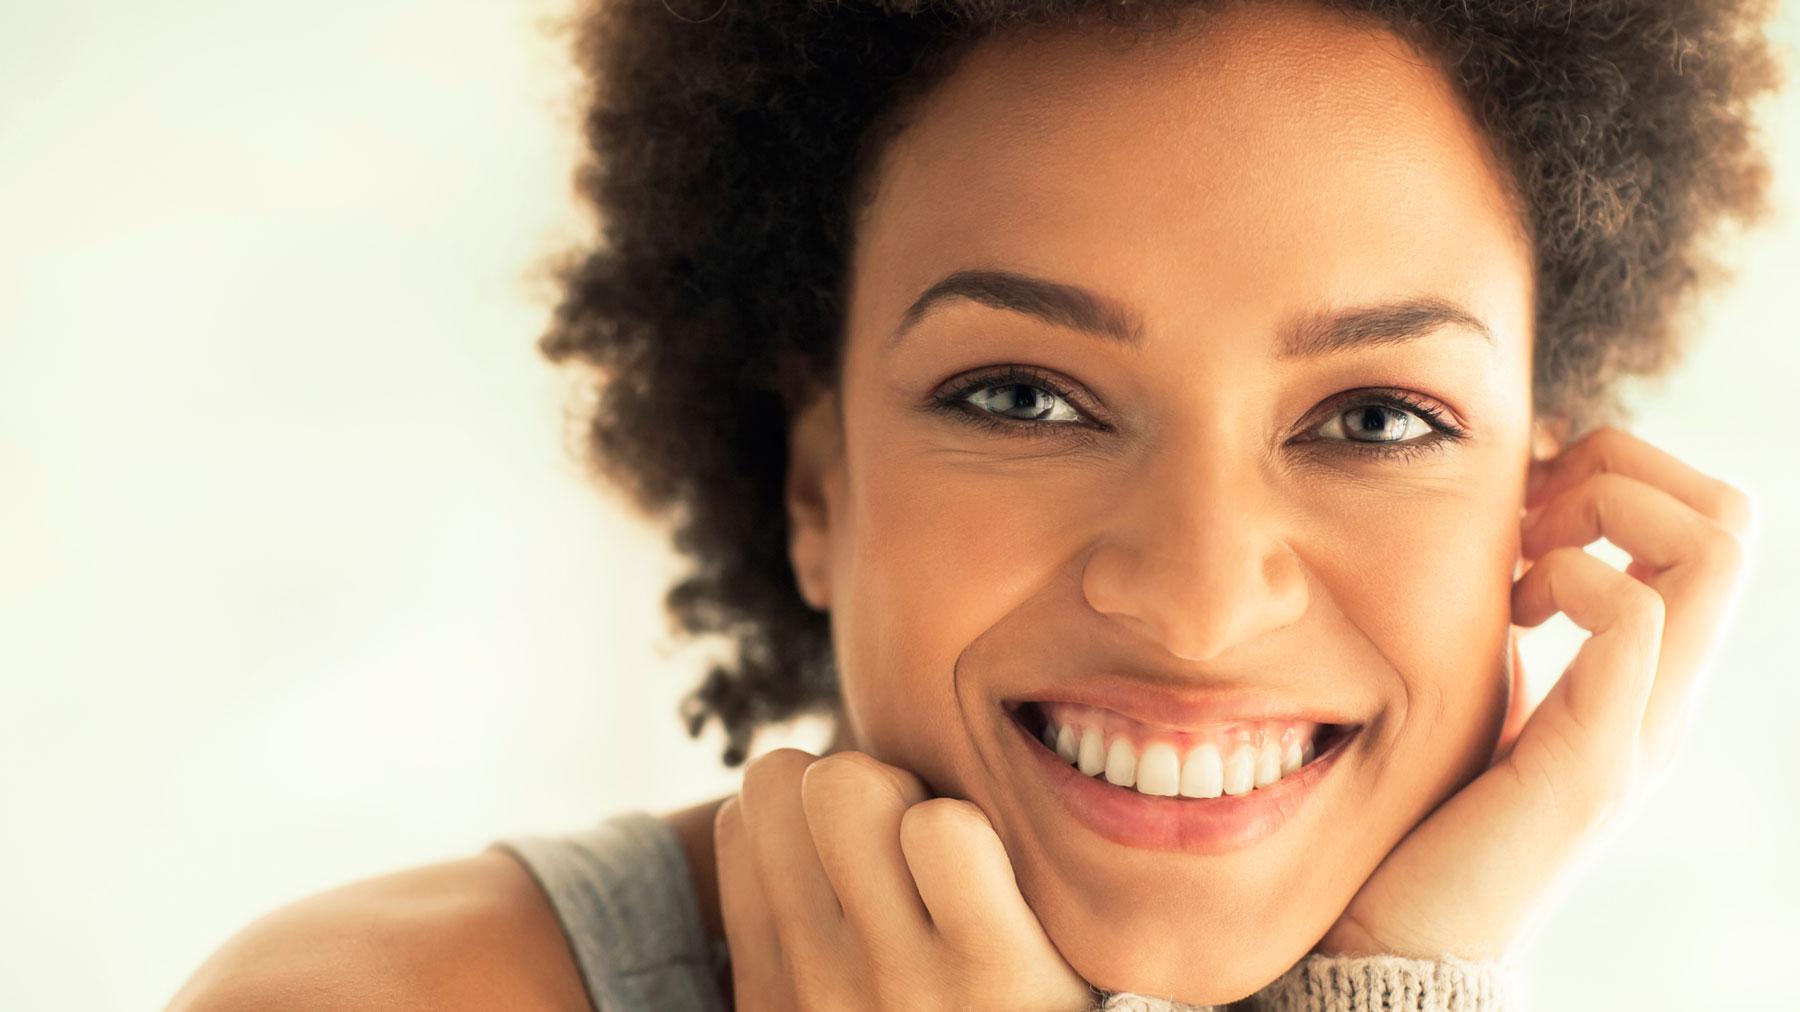 Αυτοπεποίθηση και Χαμόγελο